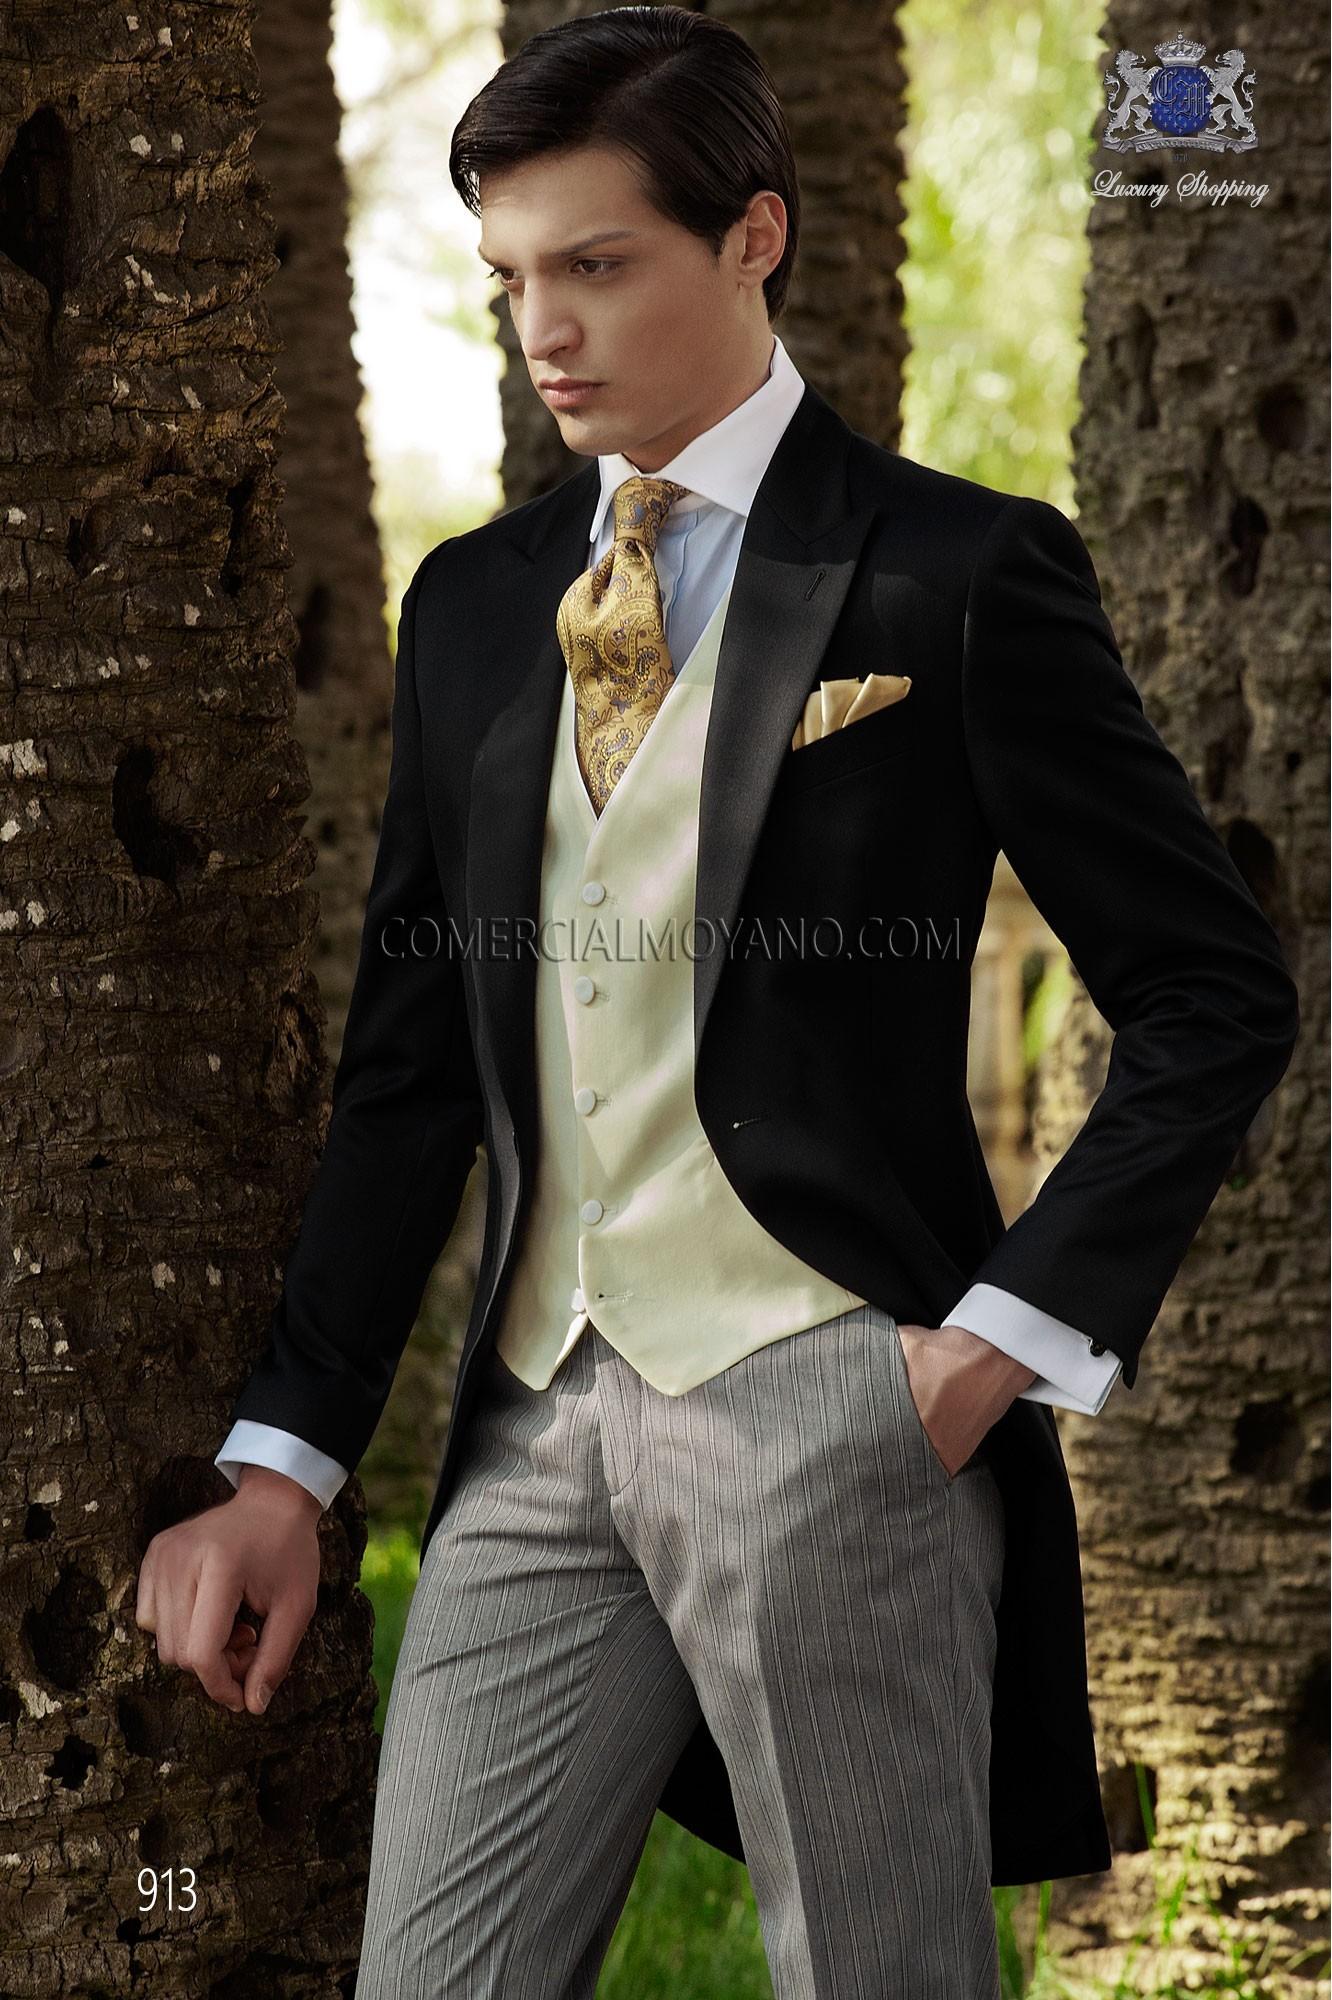 Traje de novio italiano negro modelo: 913 Ottavio Nuccio Gala colección Gentleman